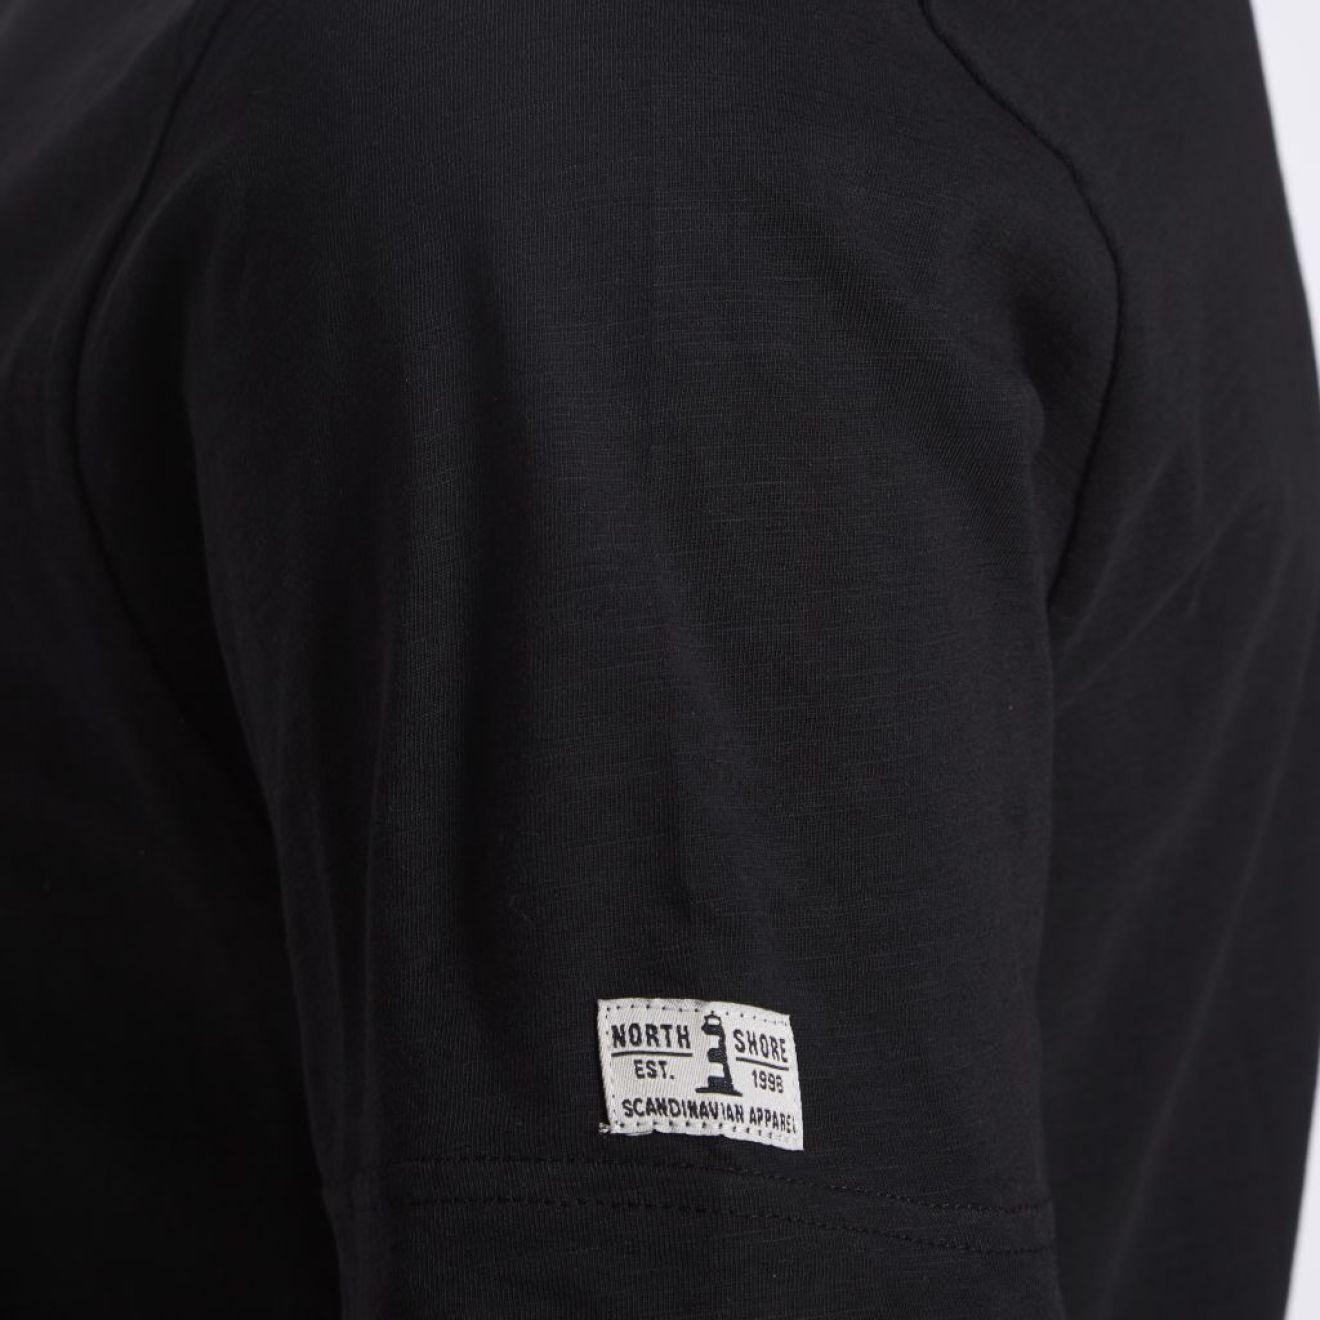 71375e5d6c87 ALLSIZE NORTH 56° T-Shirt mit V-Auschnitt in Überlänge, TALL Größe